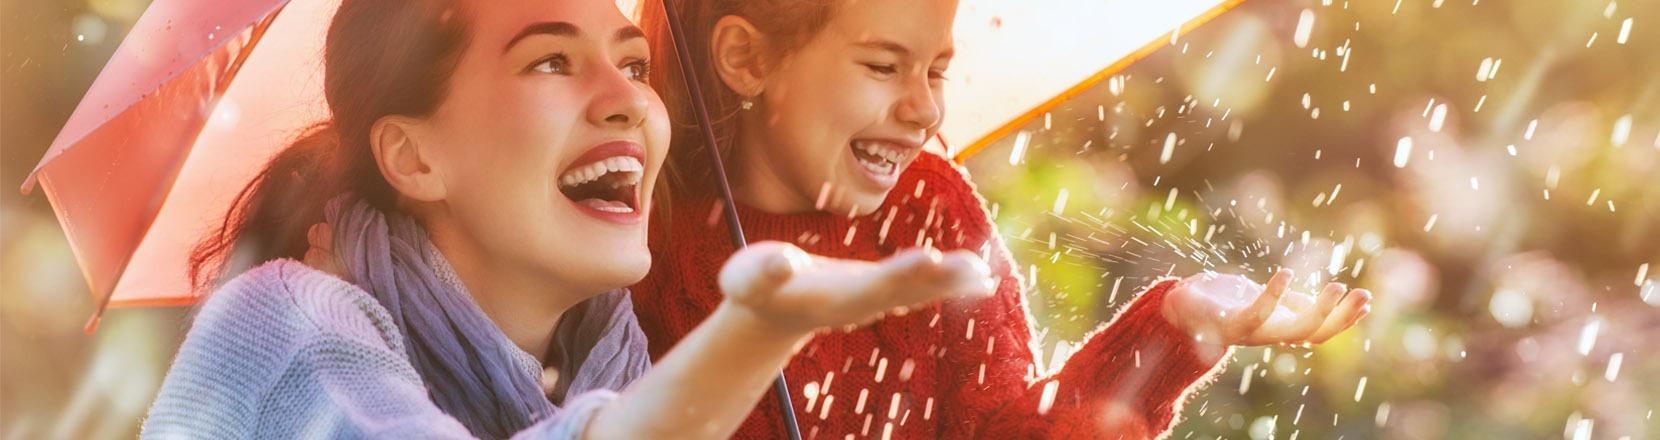 Esperienze di qualità: mamma e bimba insieme sotto la pioggia a sentire le gocce sulle mani